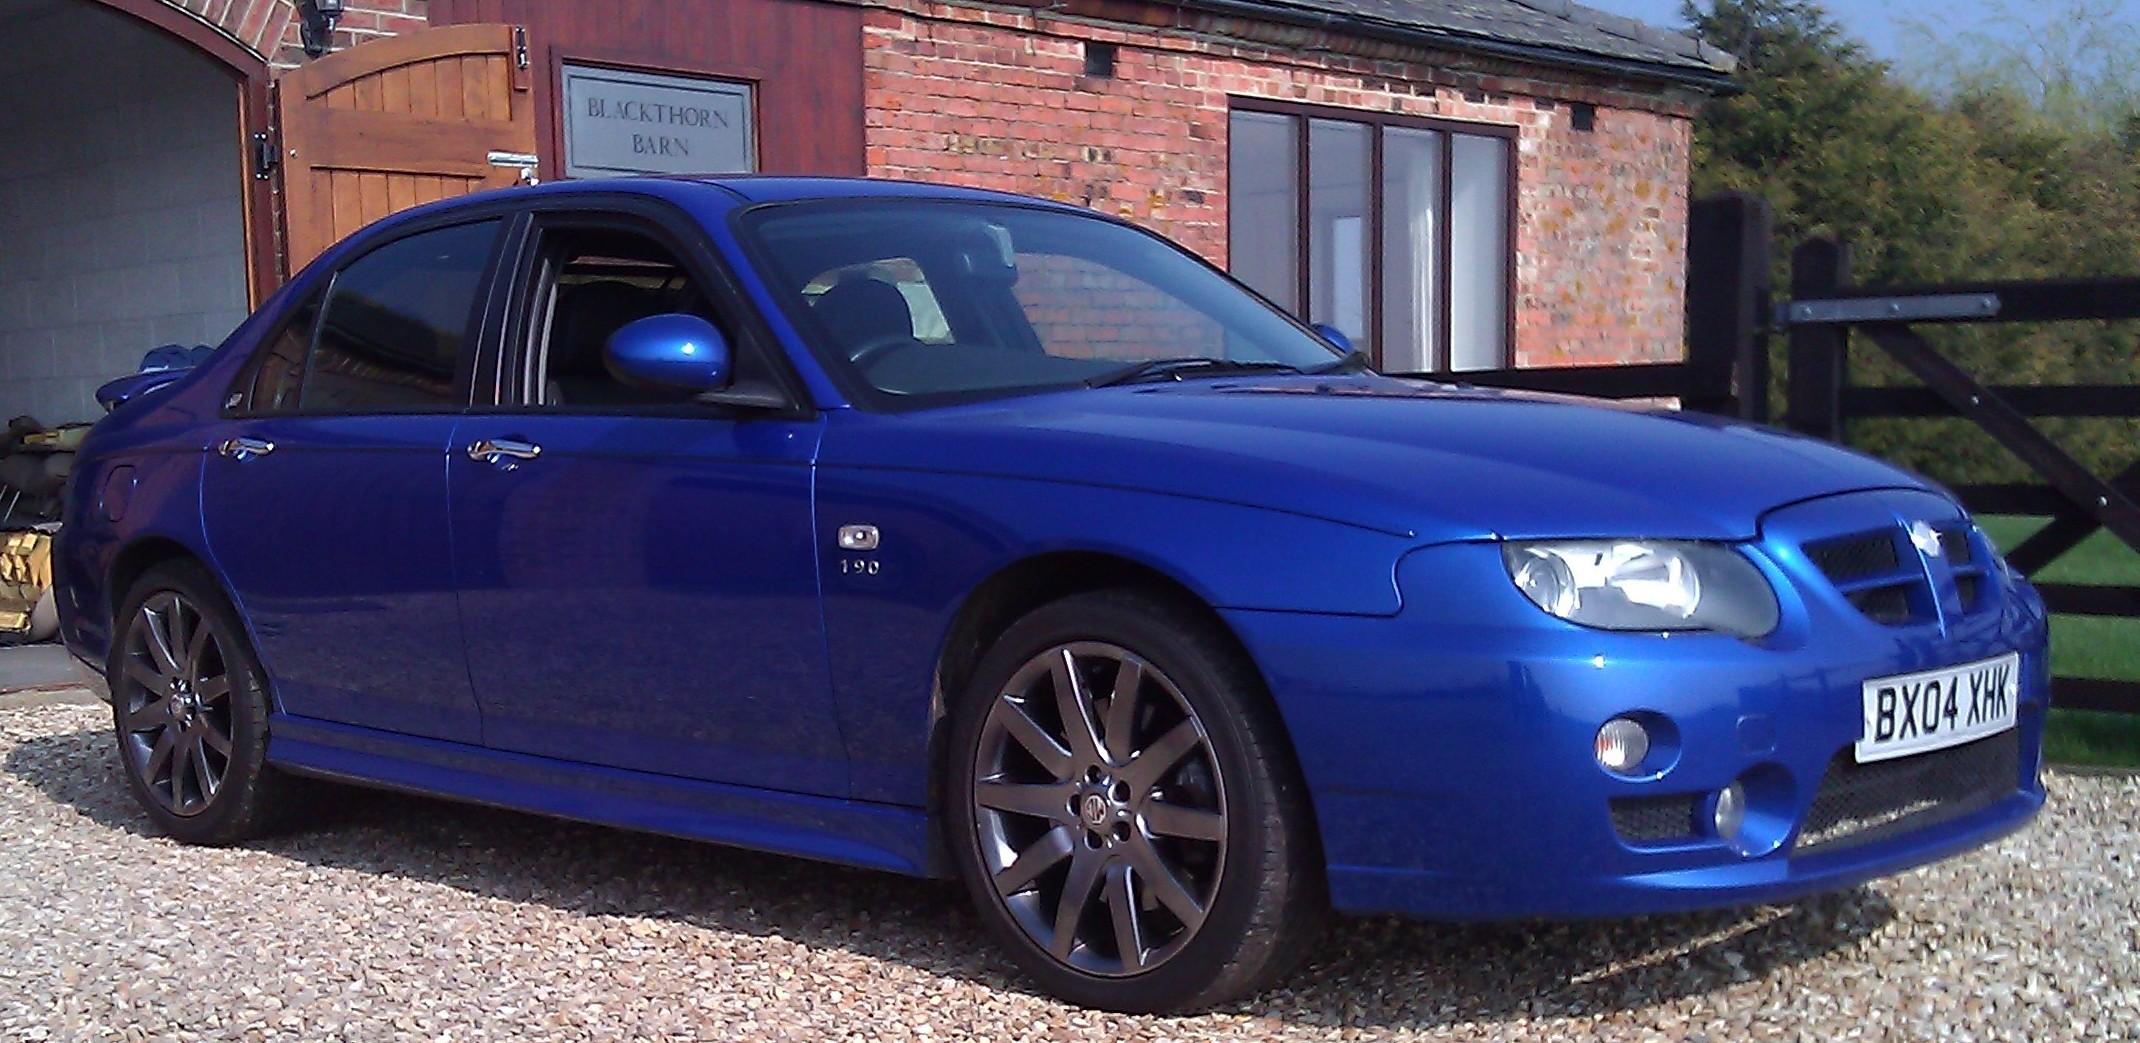 2004 MG ZT 190 in Trophy Blue